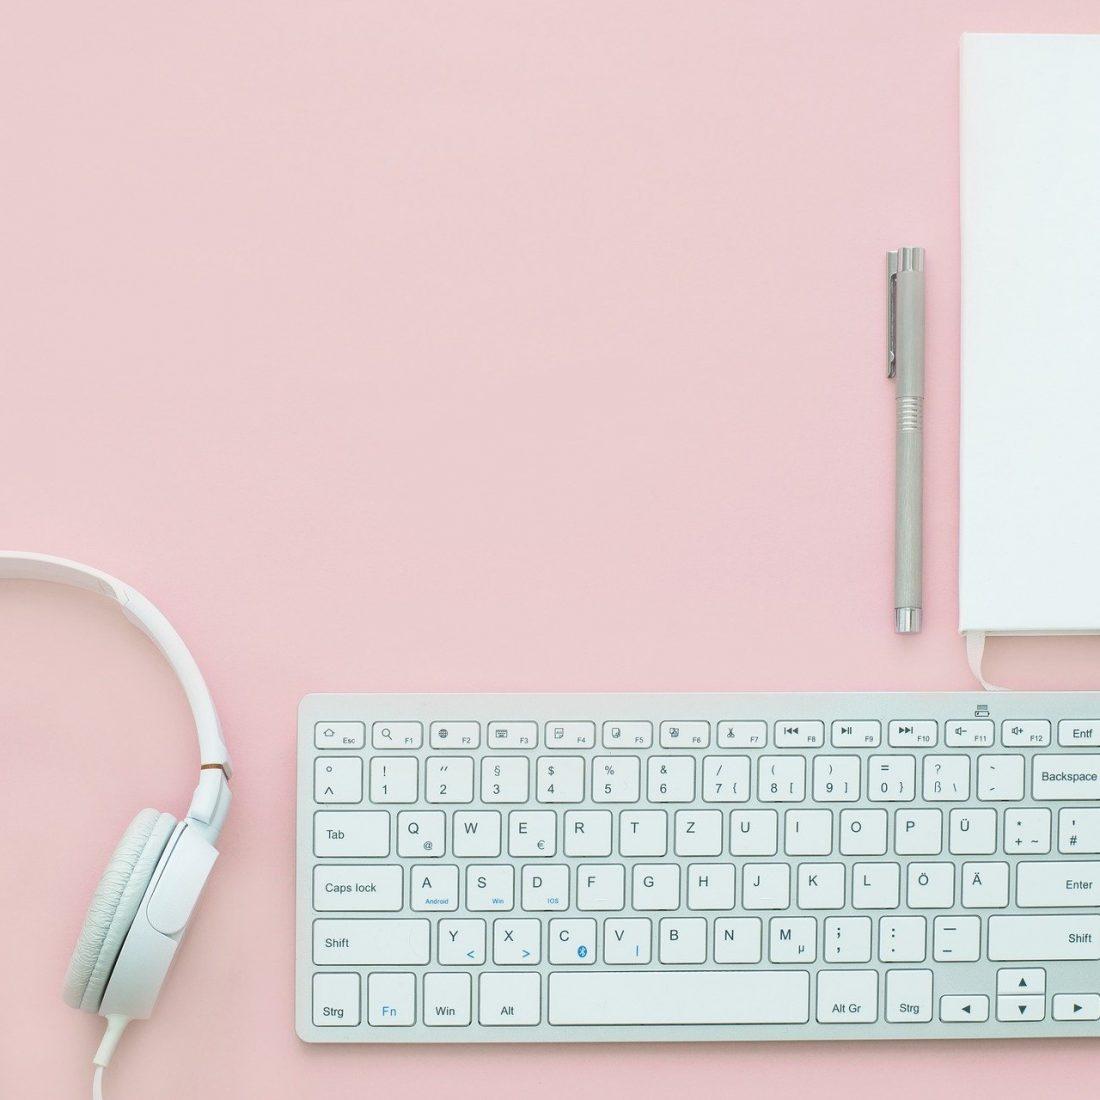 Freelance content creator, schrijven en redigeren van teksten , online, social media advies, foto styling